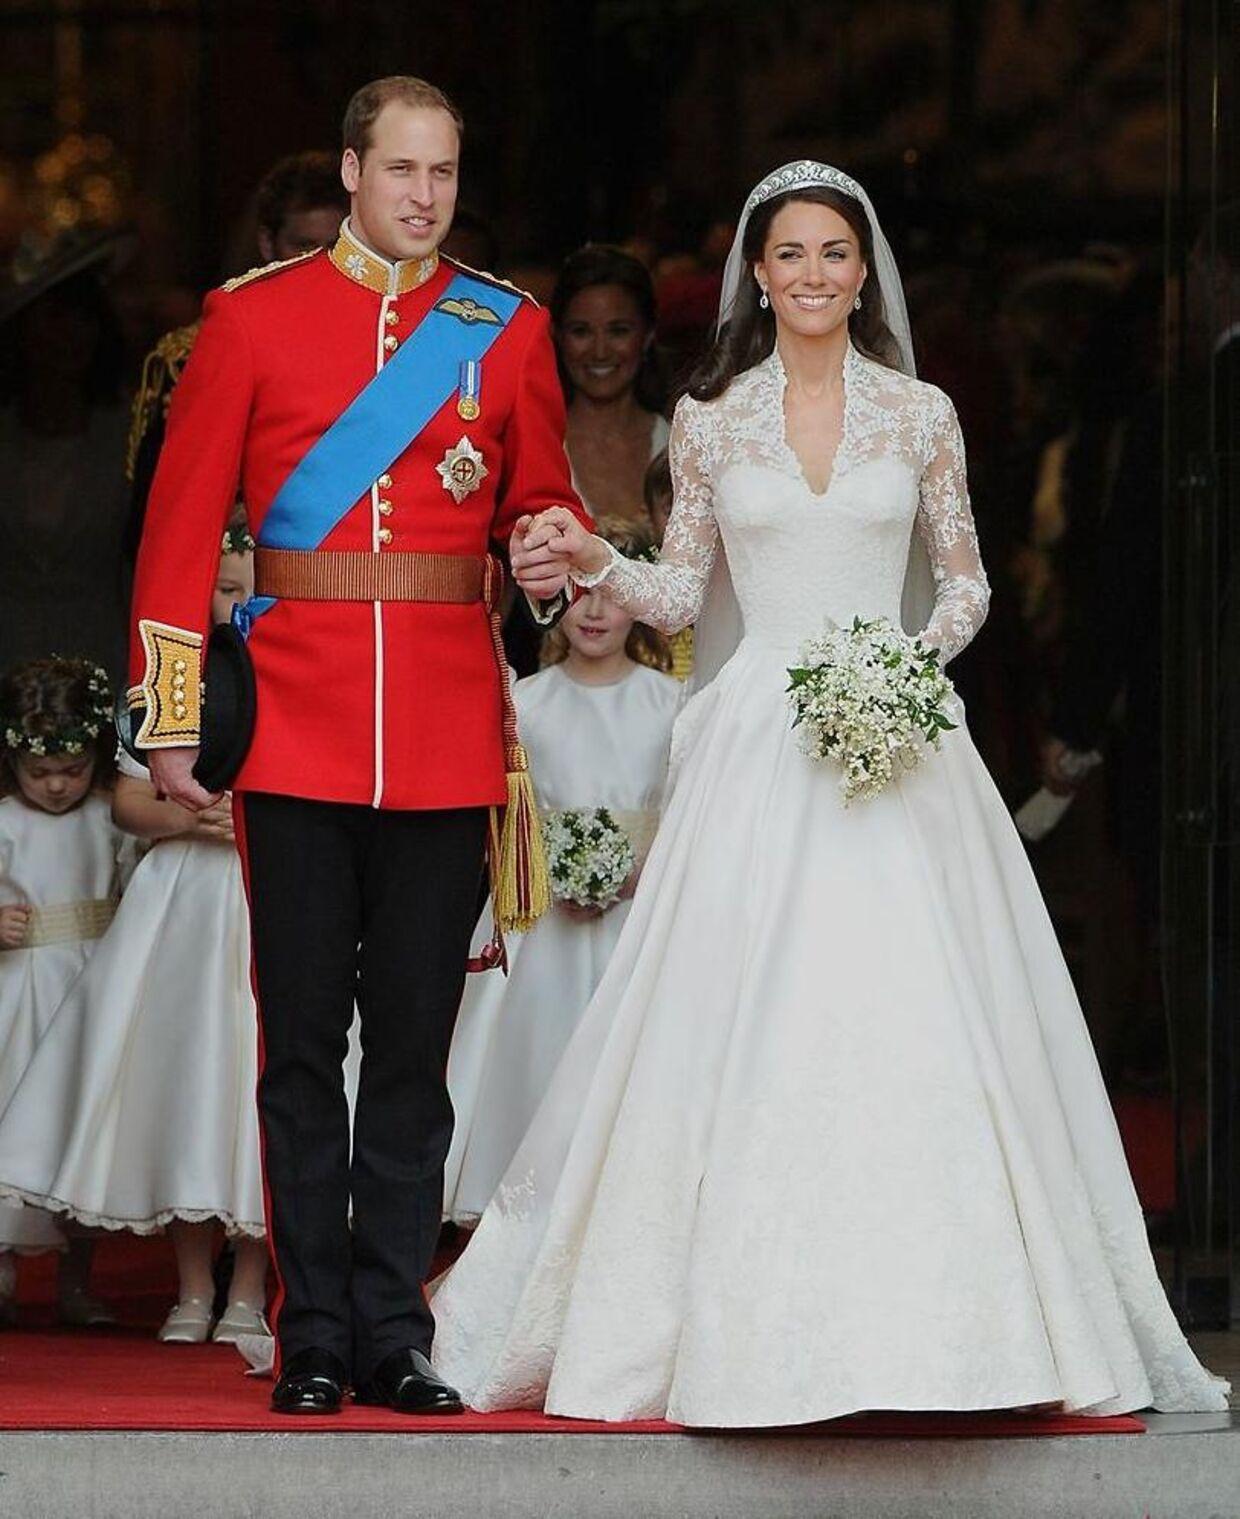 Mange husker nok herutginde Kates flotte bryllupskjole, som var designet af Alexander McQueen.